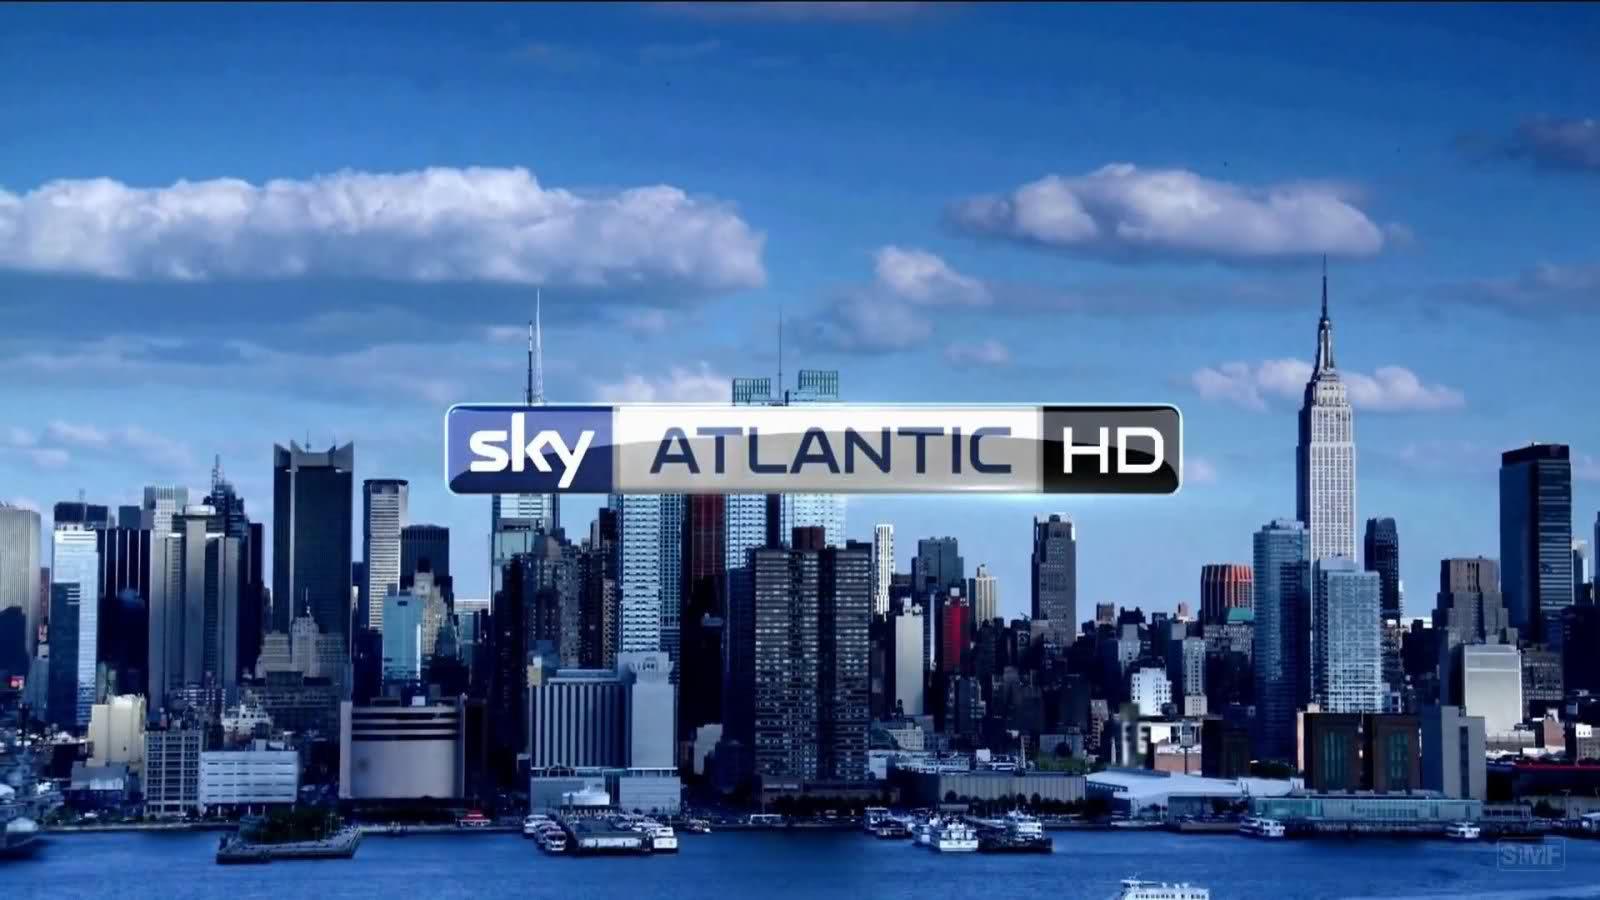 Sky Atlantic HD può essere una rivoluzione in Italia?